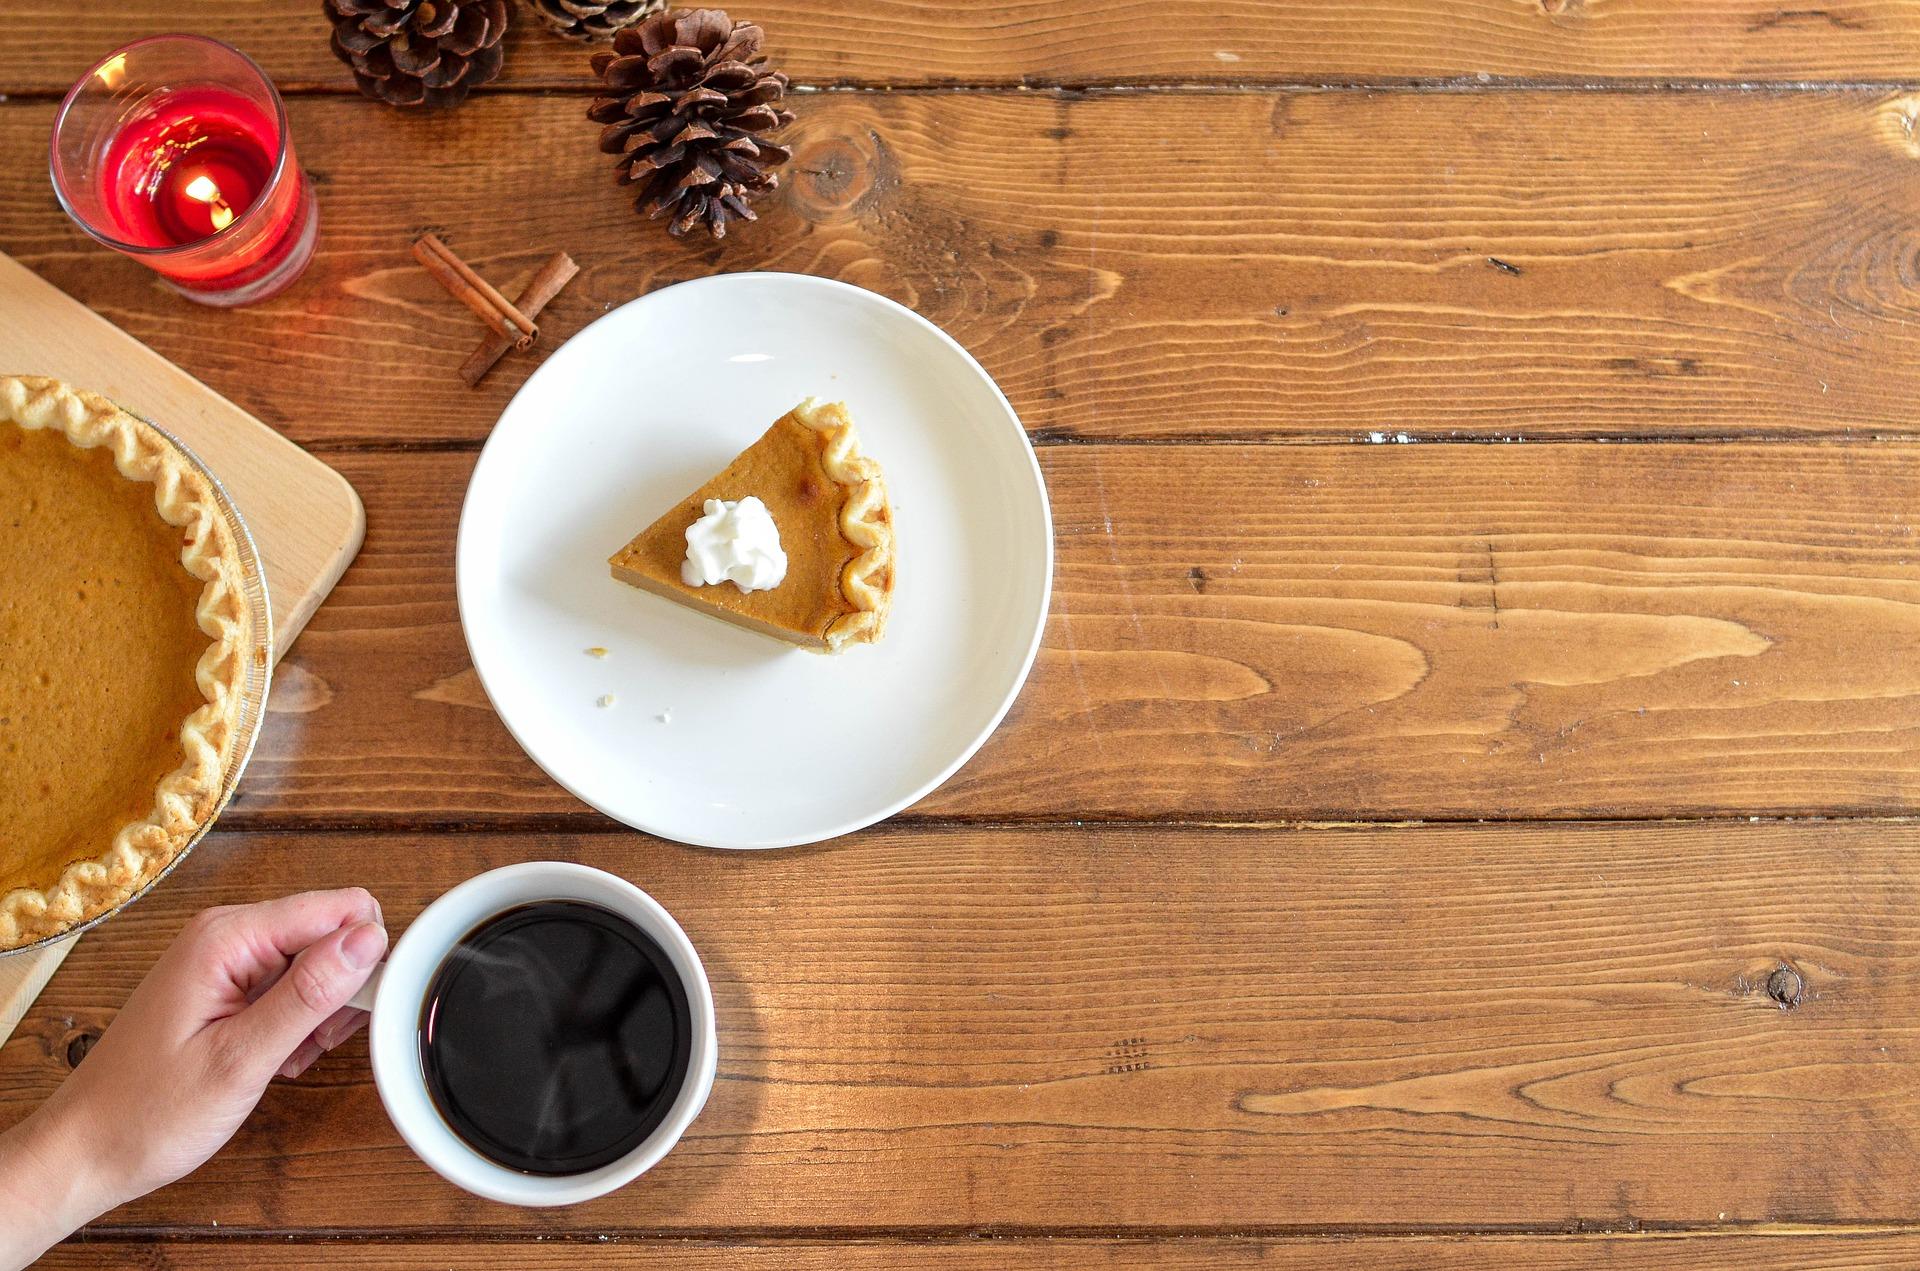 NaNoWriMo: Post-Thanksgiving Slump